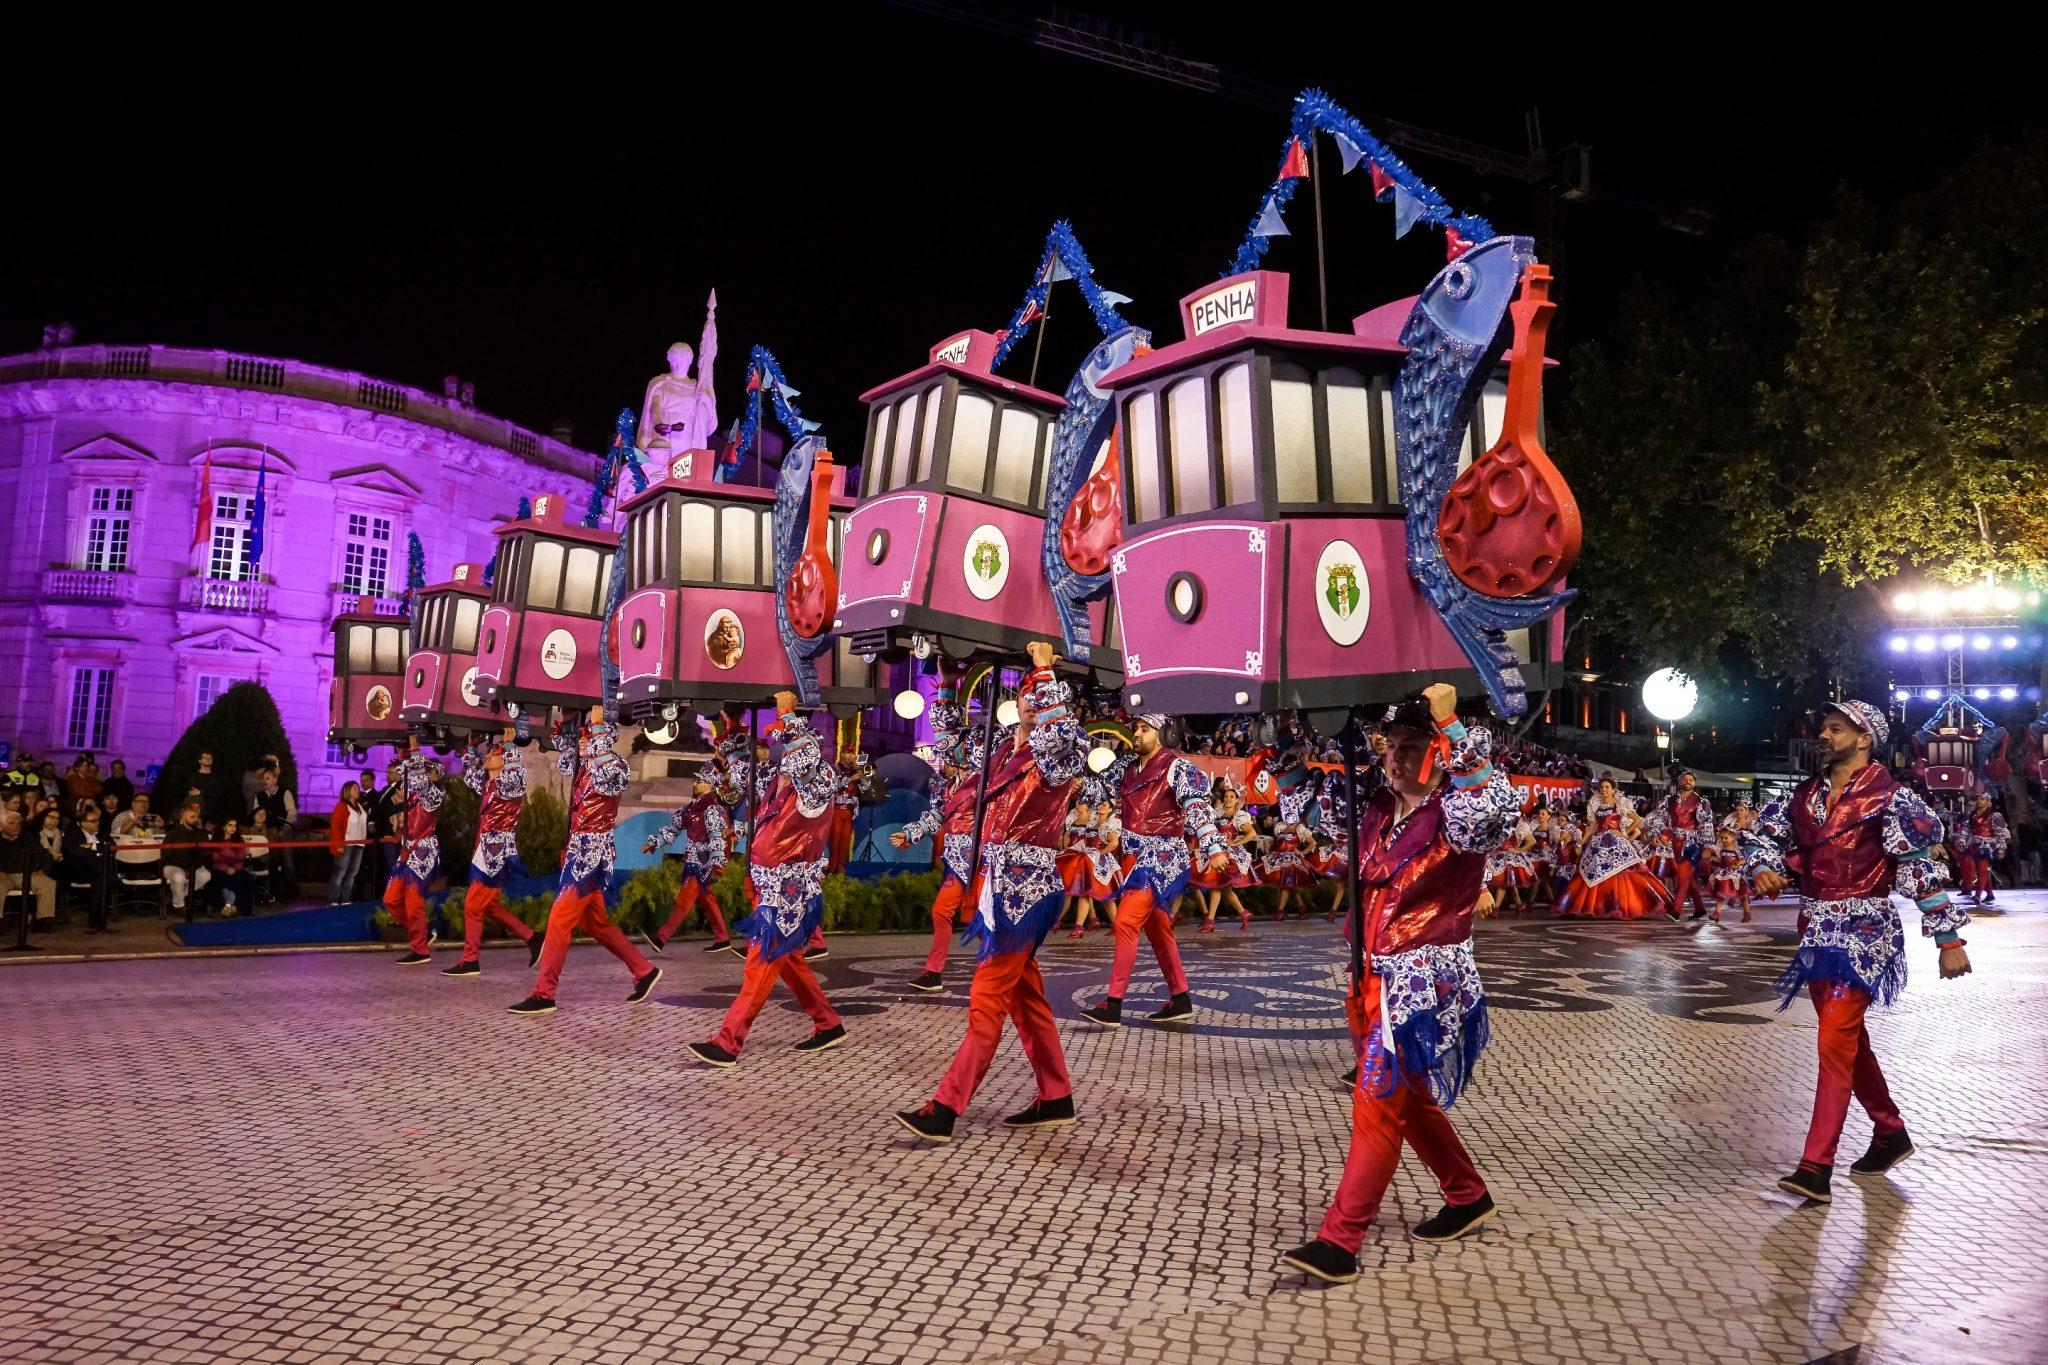 De lado para o observador, uma dezena de homens marcham para a esquerda da imagem carregando seis arcos em forma de eléctrico cor-de-rosa em cuja lateral figuram sardinhas a segurar uma guitarra portuguesa.